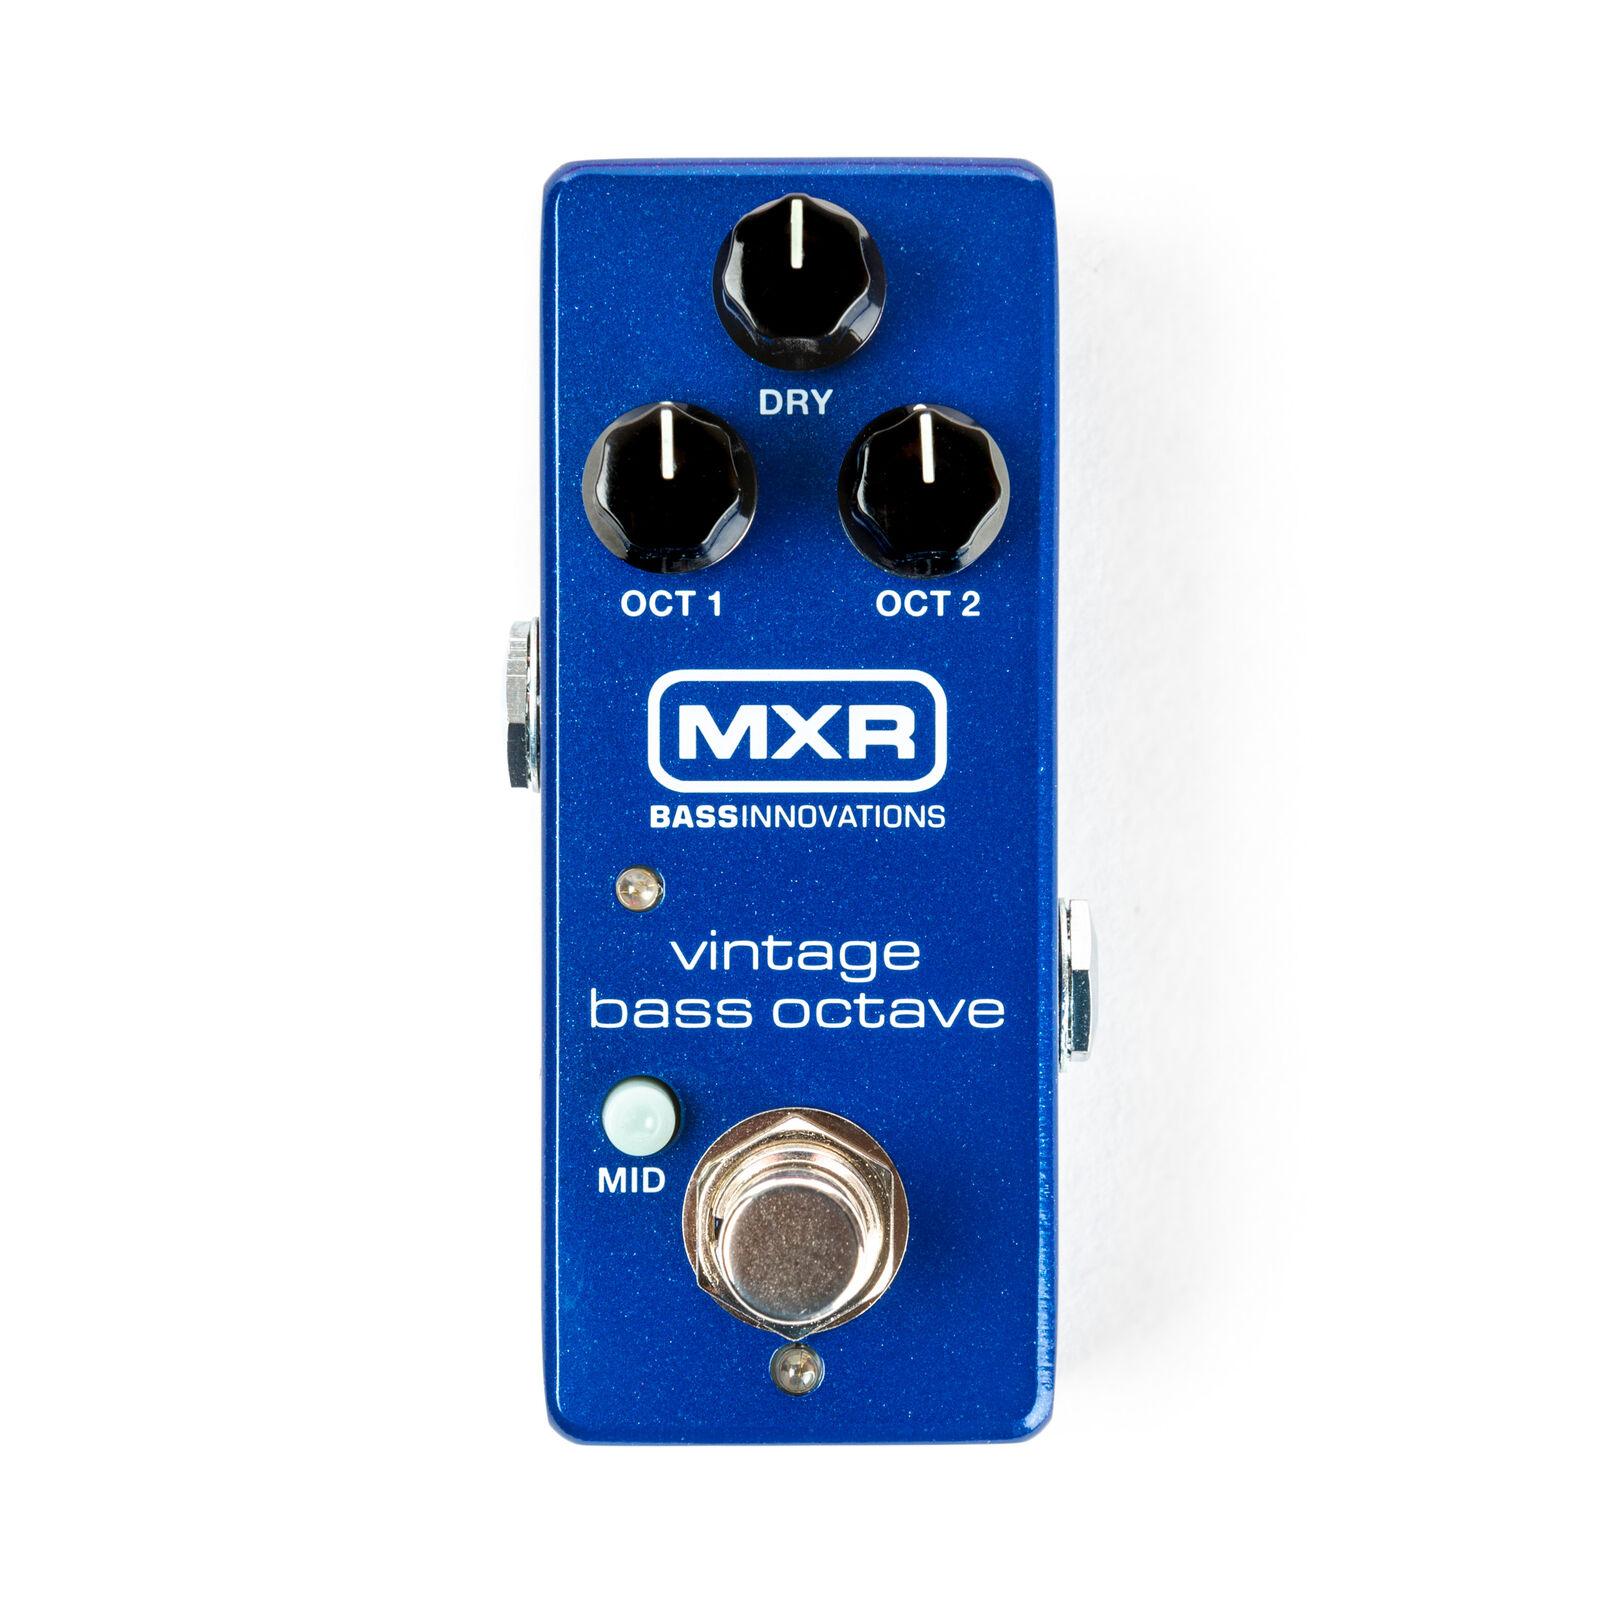 Neu Mxr M280 Klassischer Bass Oktave Effektpedal